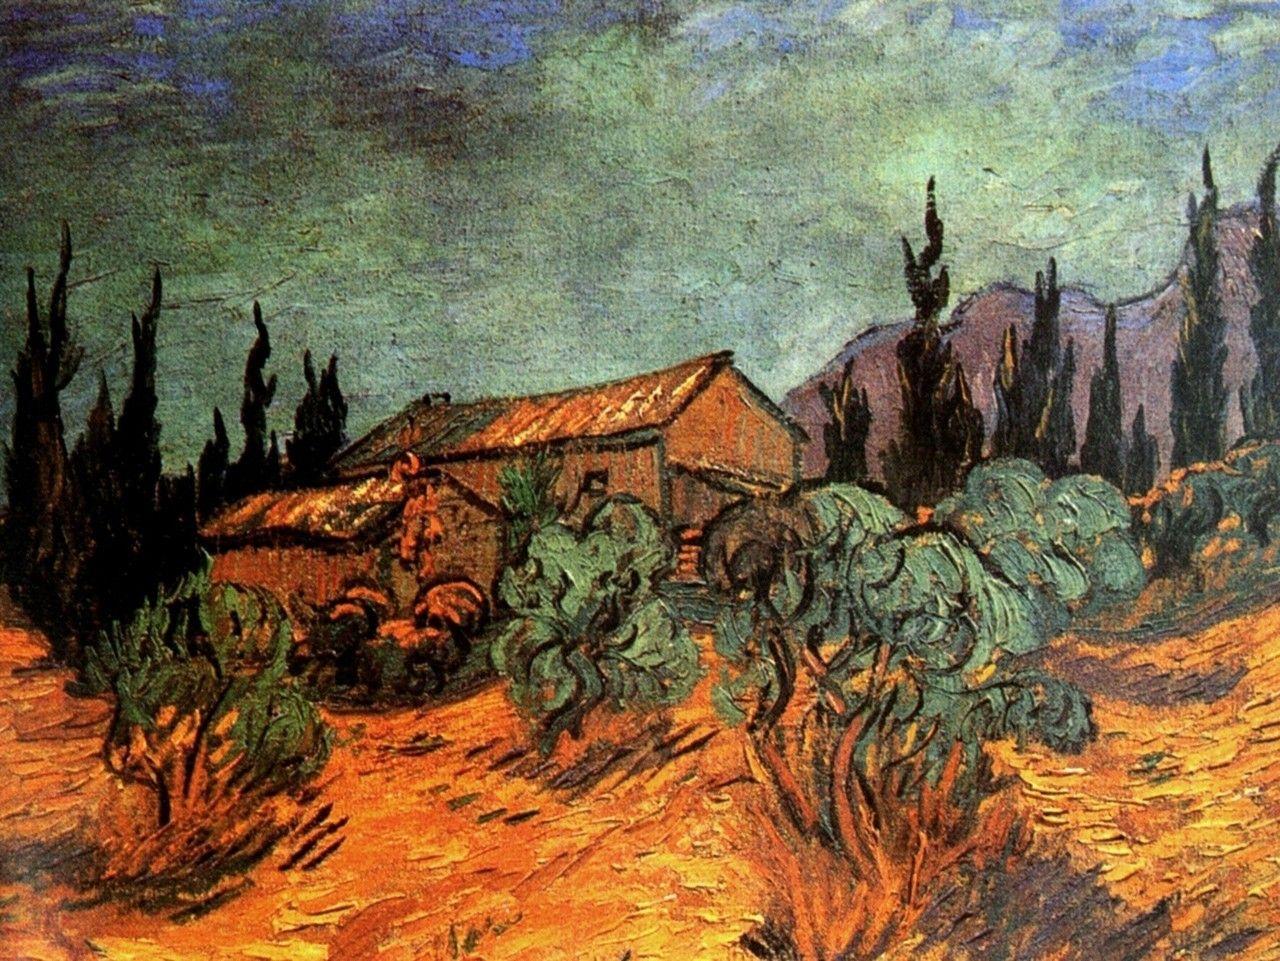 Vincent Van Gogh Wooden Sheds 1889 Vincent Van Goghsize 45 5x60 Vincent Van Gogh Art Van Gogh Art Van Gogh Paintings